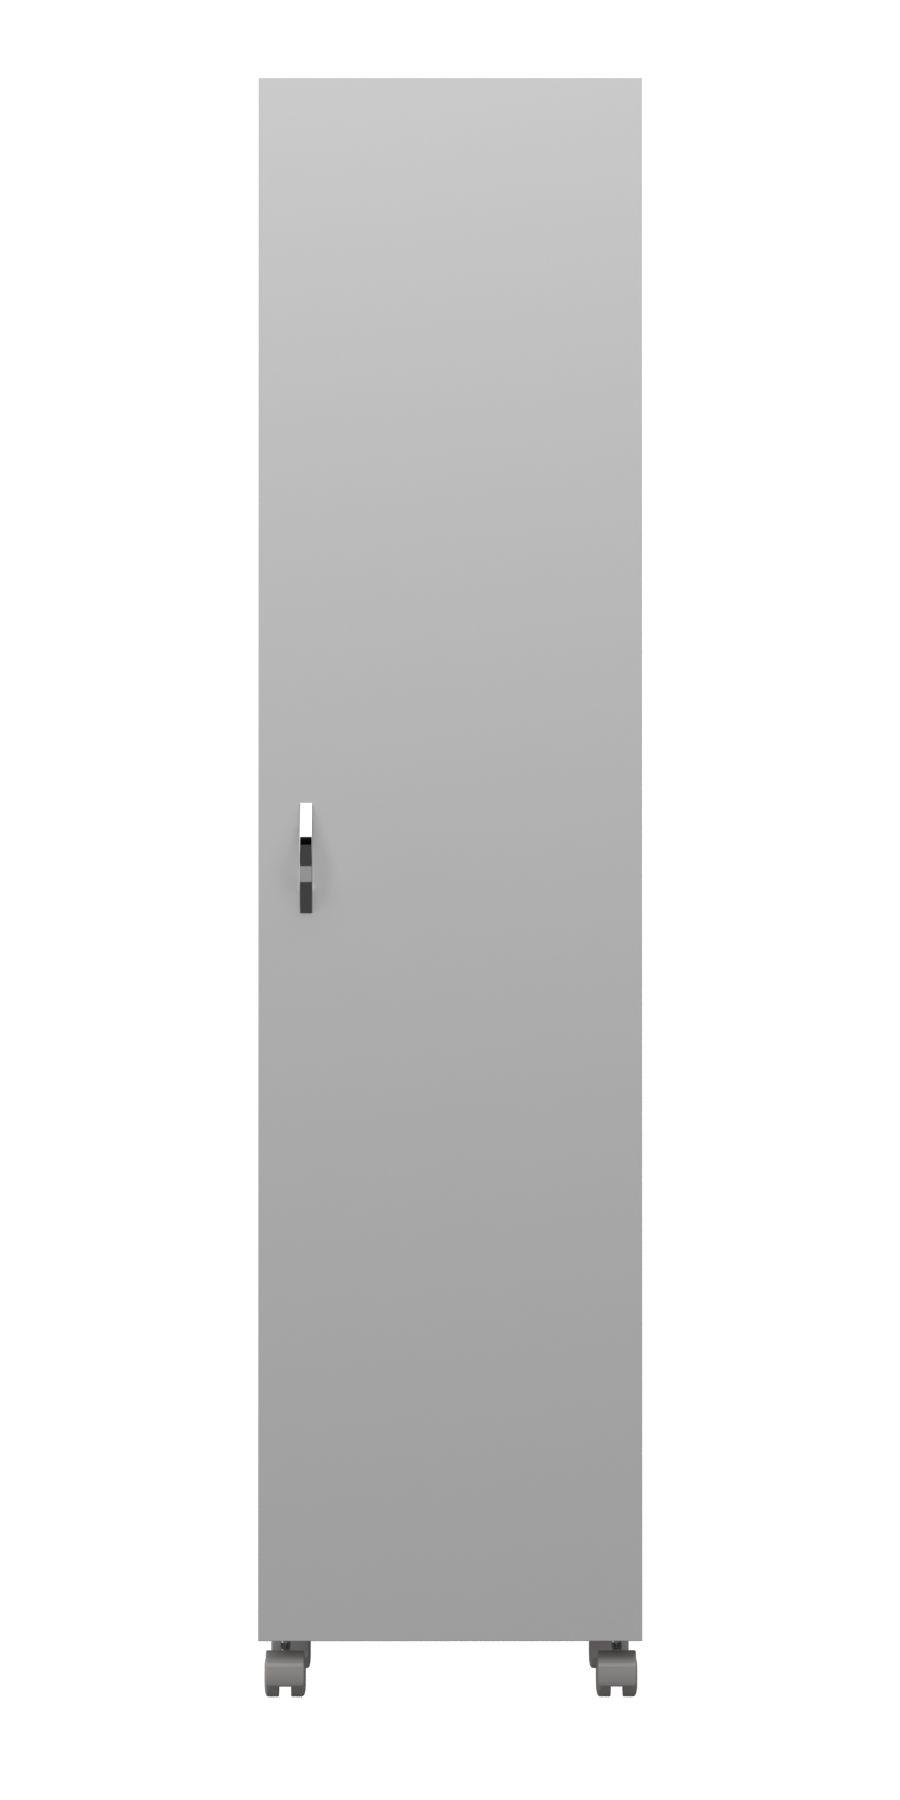 Armário Alto para Área de Serviço Lavanderia 1 Porta  - Loja de Móveis e Artigos para Decoração | TudoParaDecorar.com.br